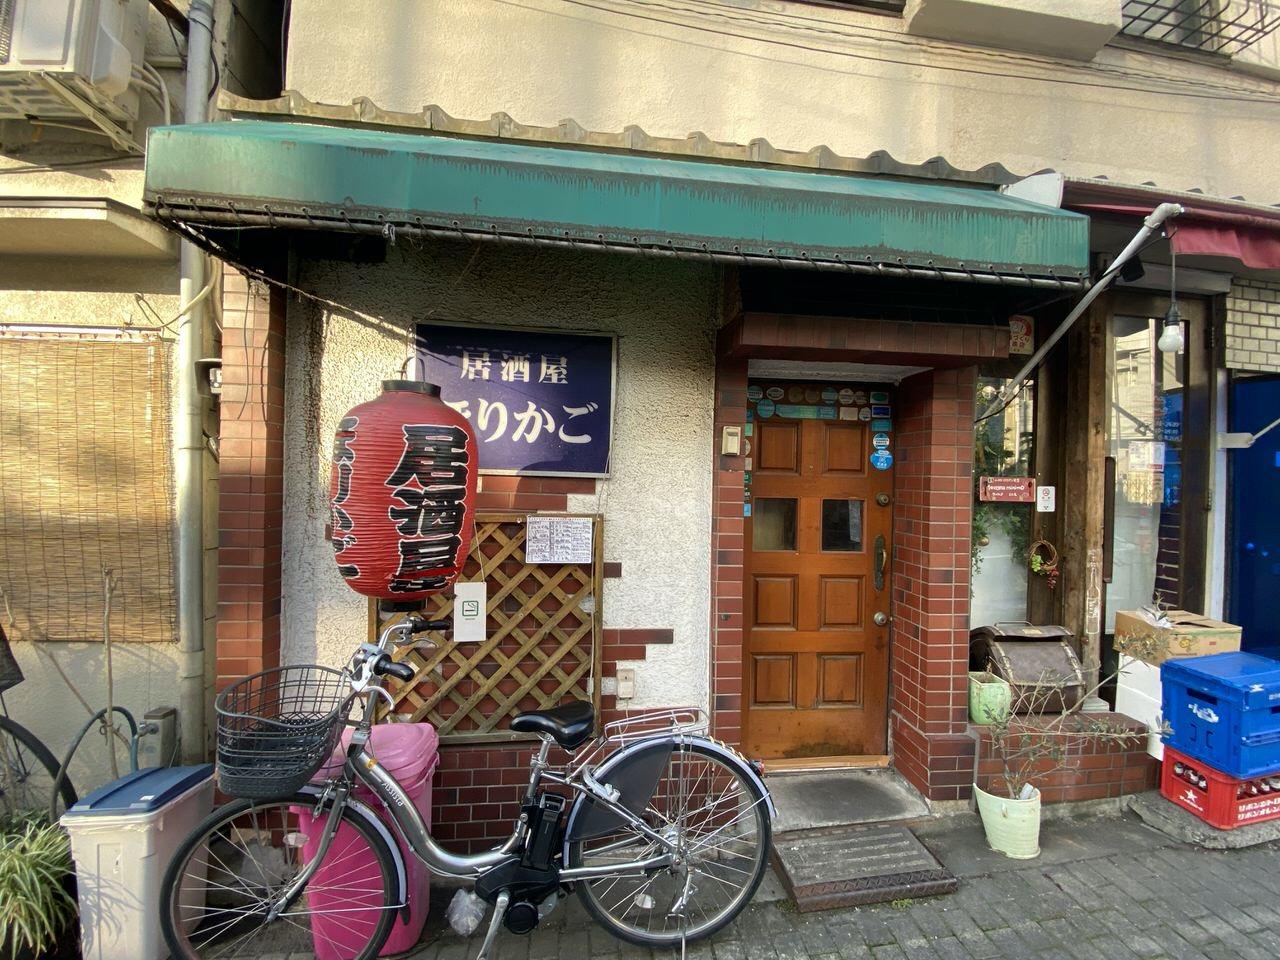 「ほりかご」居酒屋(板橋)1 外観